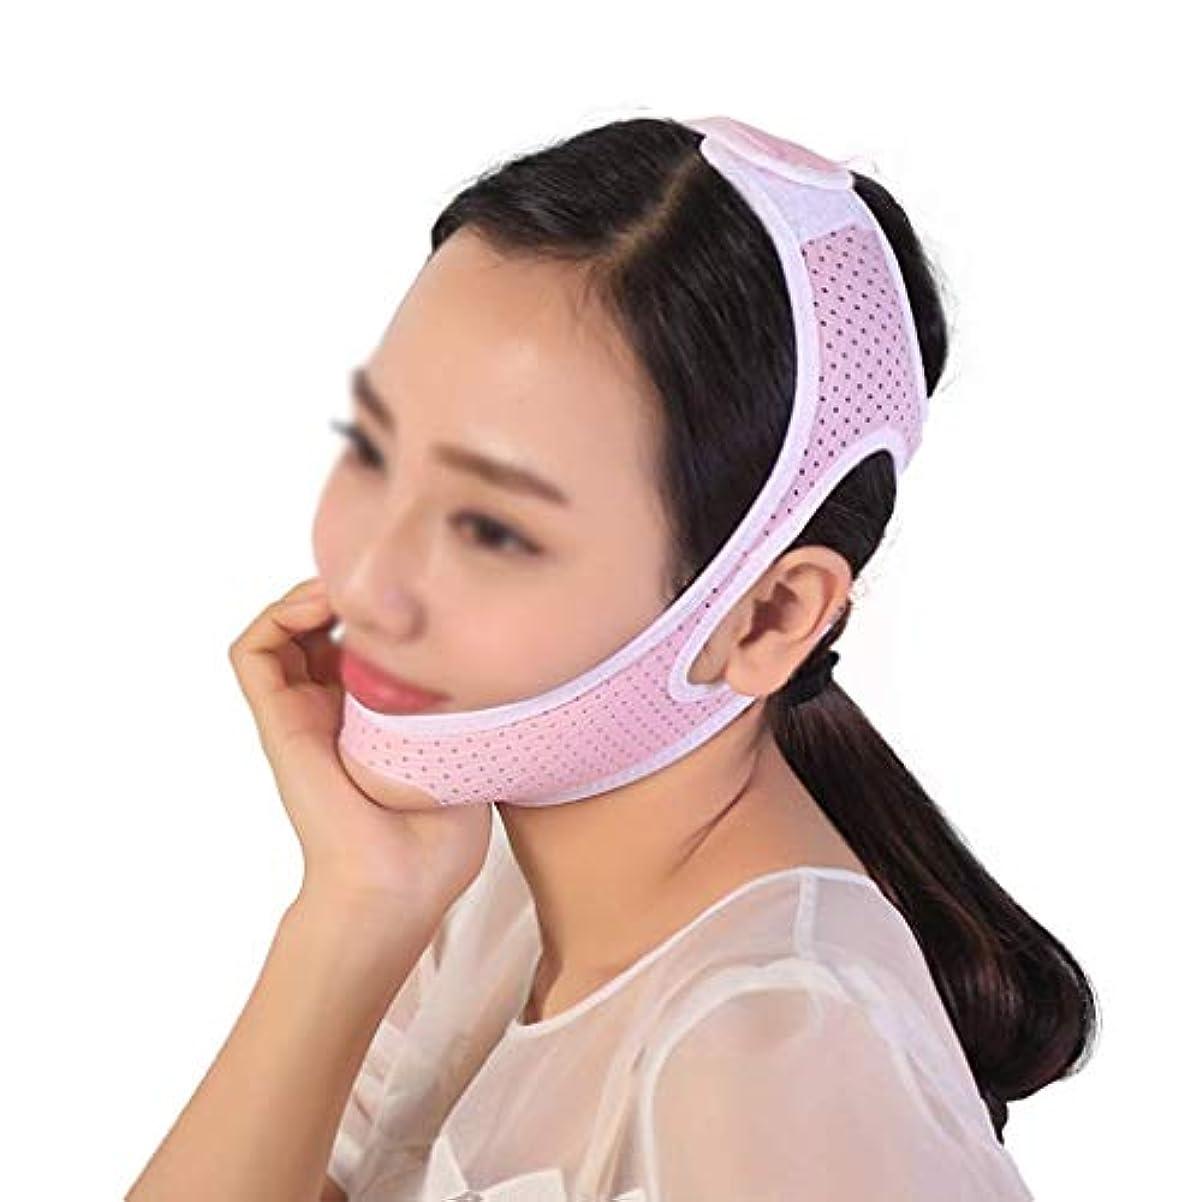 食い違い葬儀偽善者フェイスリフトマスク、顔の皮膚の首のあごのラインを改善、リフトフェイス、細い頬マスク、細いチンチーク細いV(ピンク)(サイズ:M),M